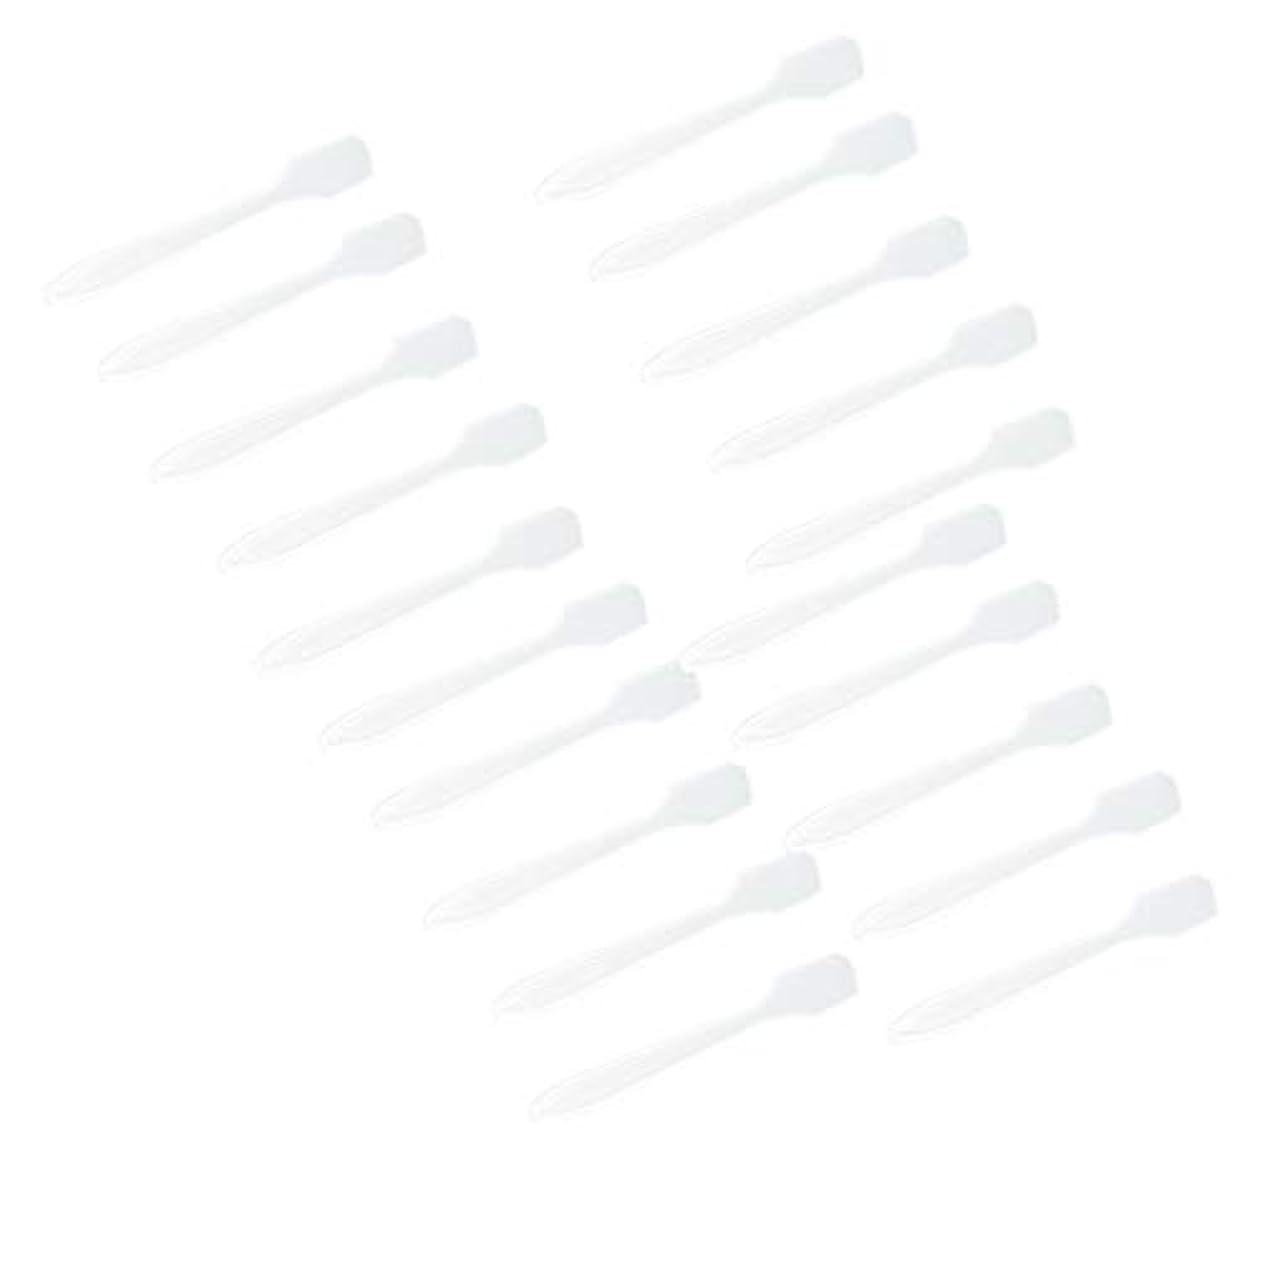 ベーコン新鮮なバックアップSM SunniMix 5カラー選ぶ 化粧品へら スプーン フェイシャル クリーム マスクスプーン 美容パックツール 全100点 - クリア